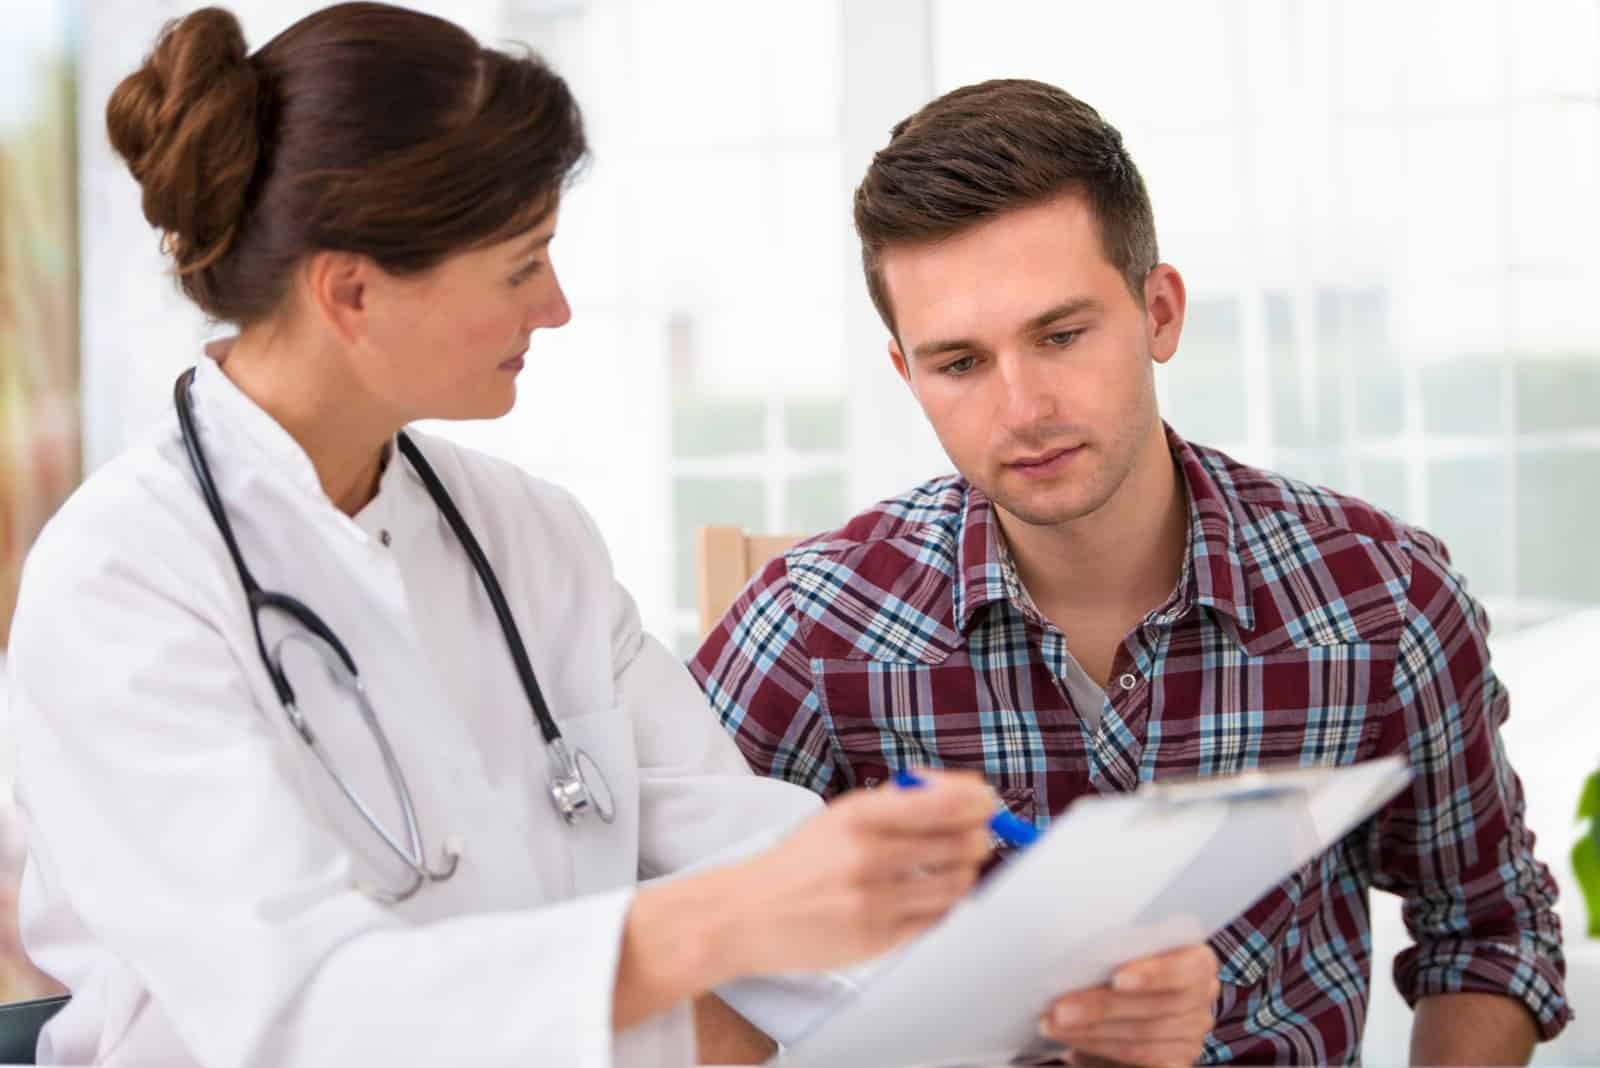 l'homme parle au médecin